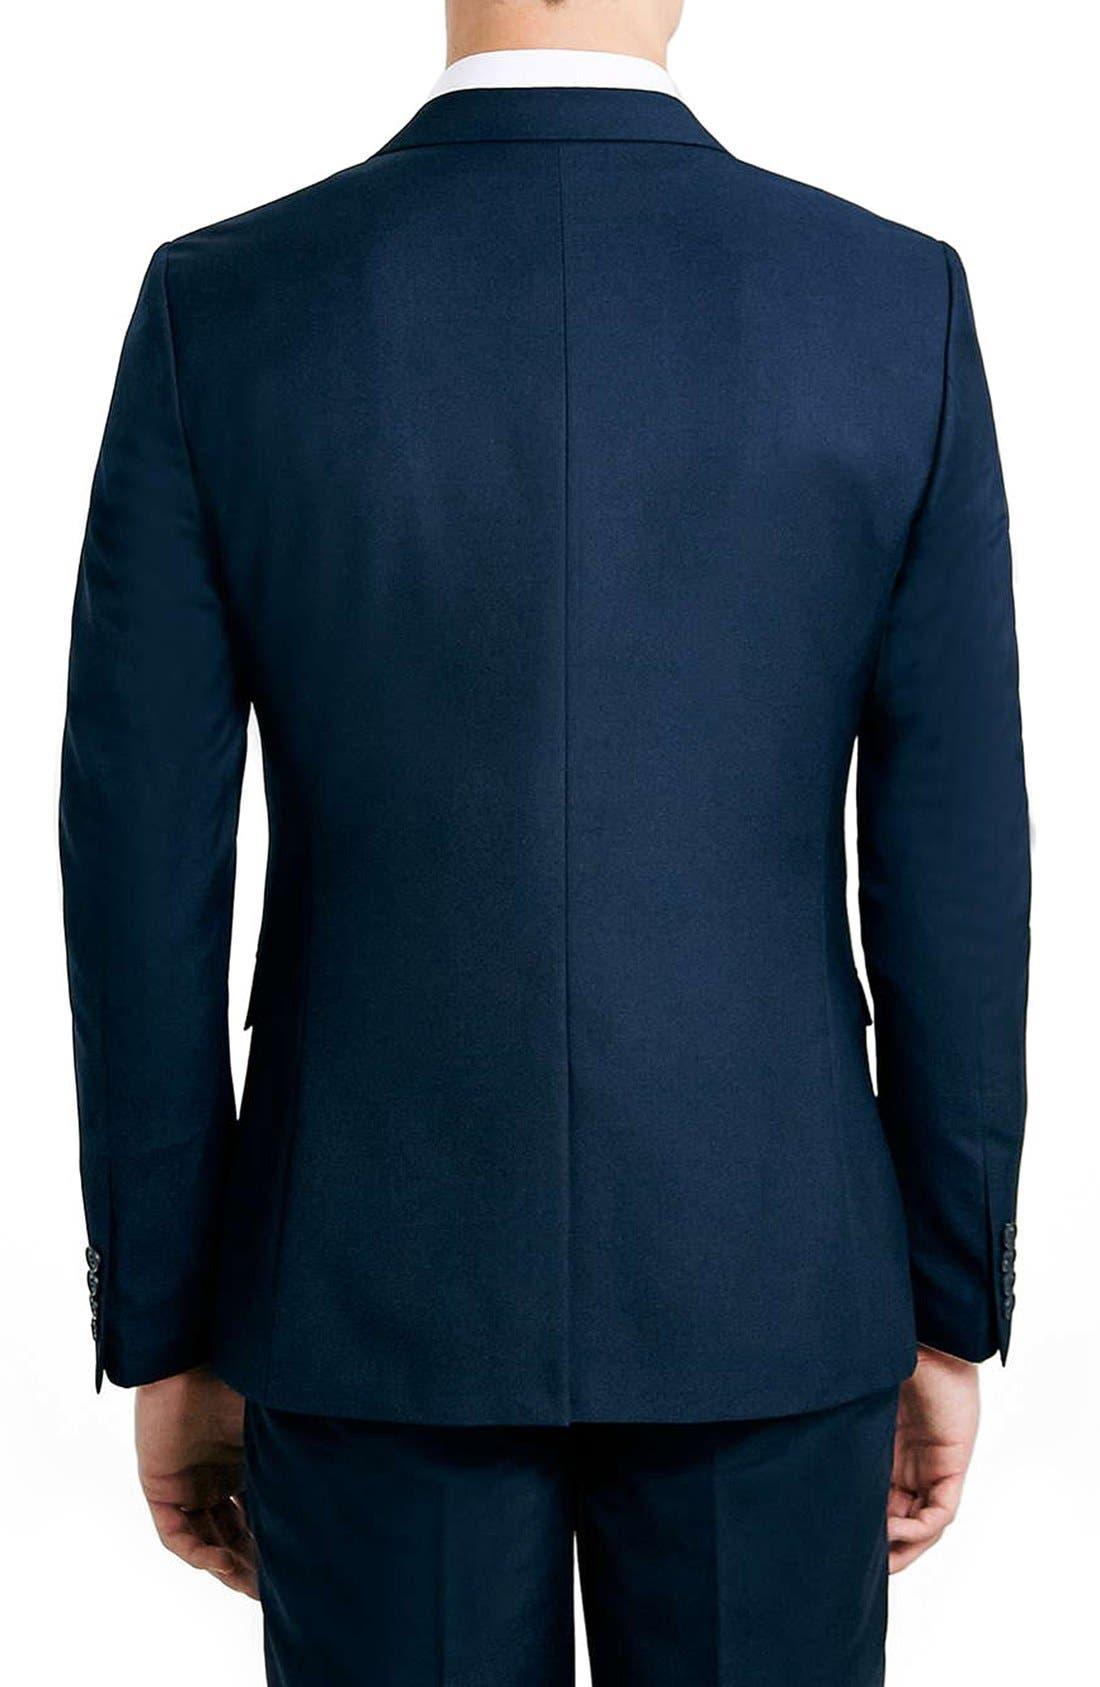 Alternate Image 3  - Topman Navy Skinny Fit Suit Jacket